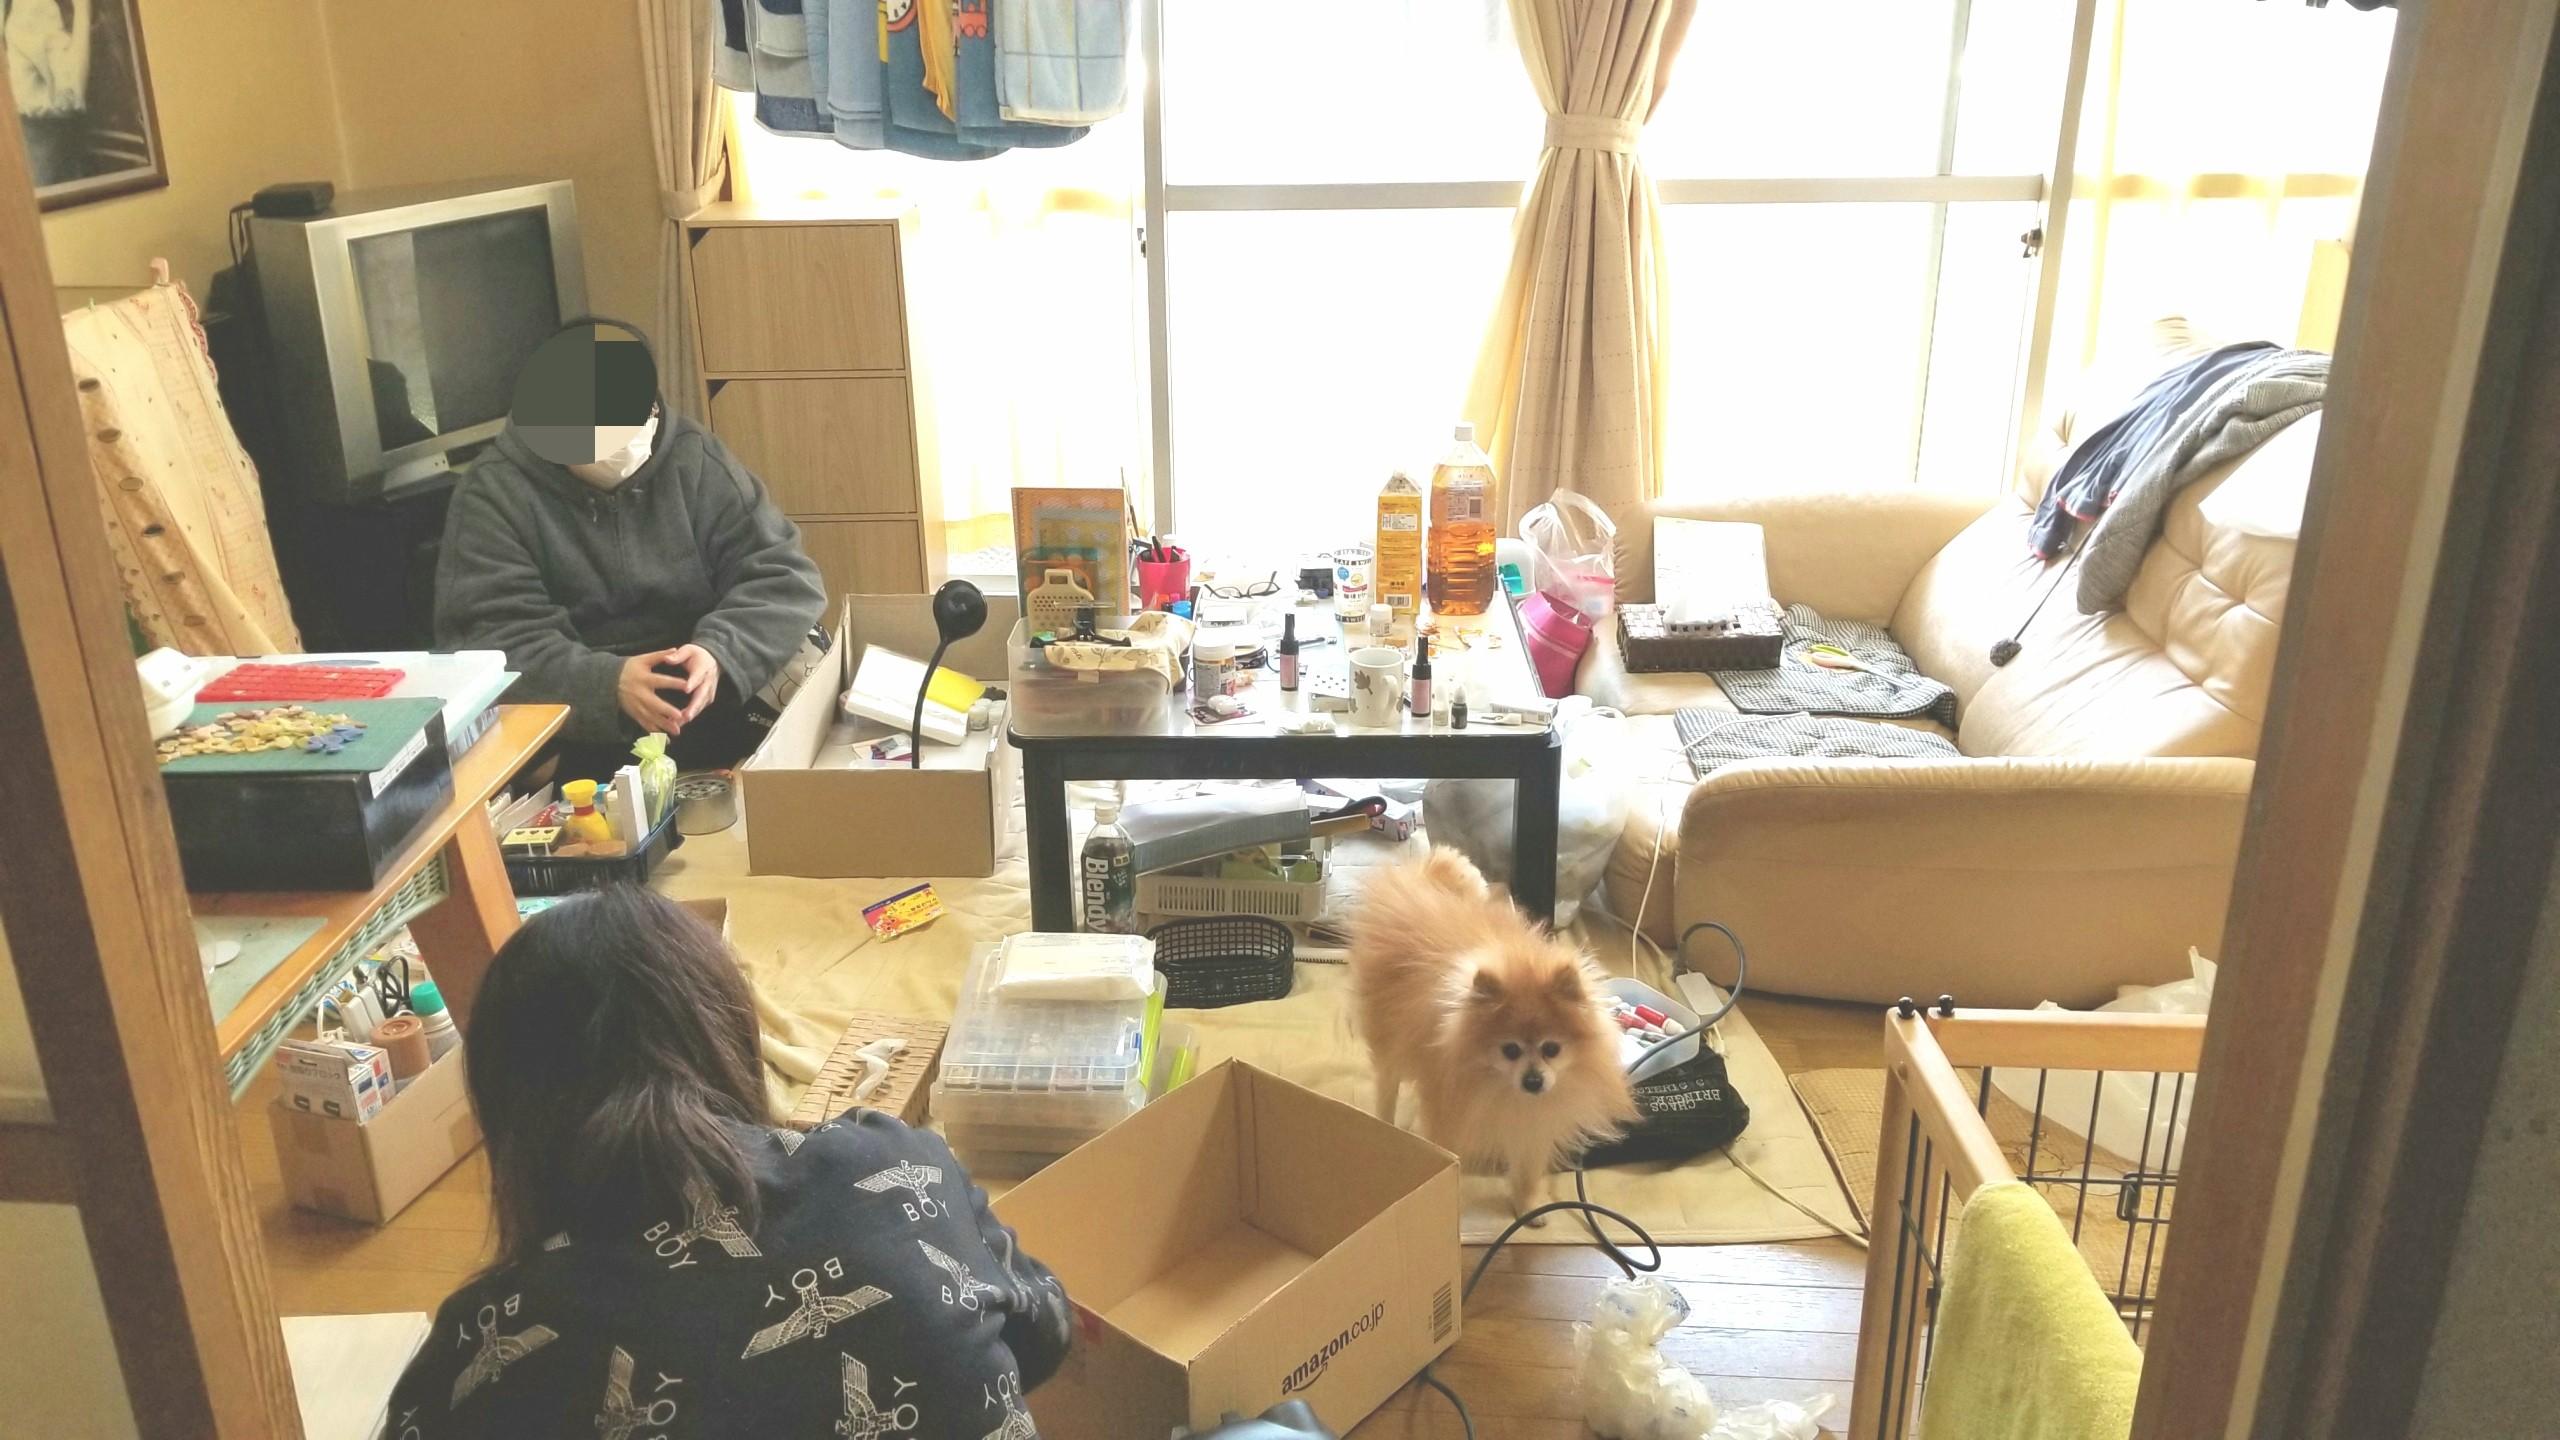 汚い部屋片付け方,ぐちゃぐちゃ,綺麗に,ワンルーム,一人暮らし手伝い